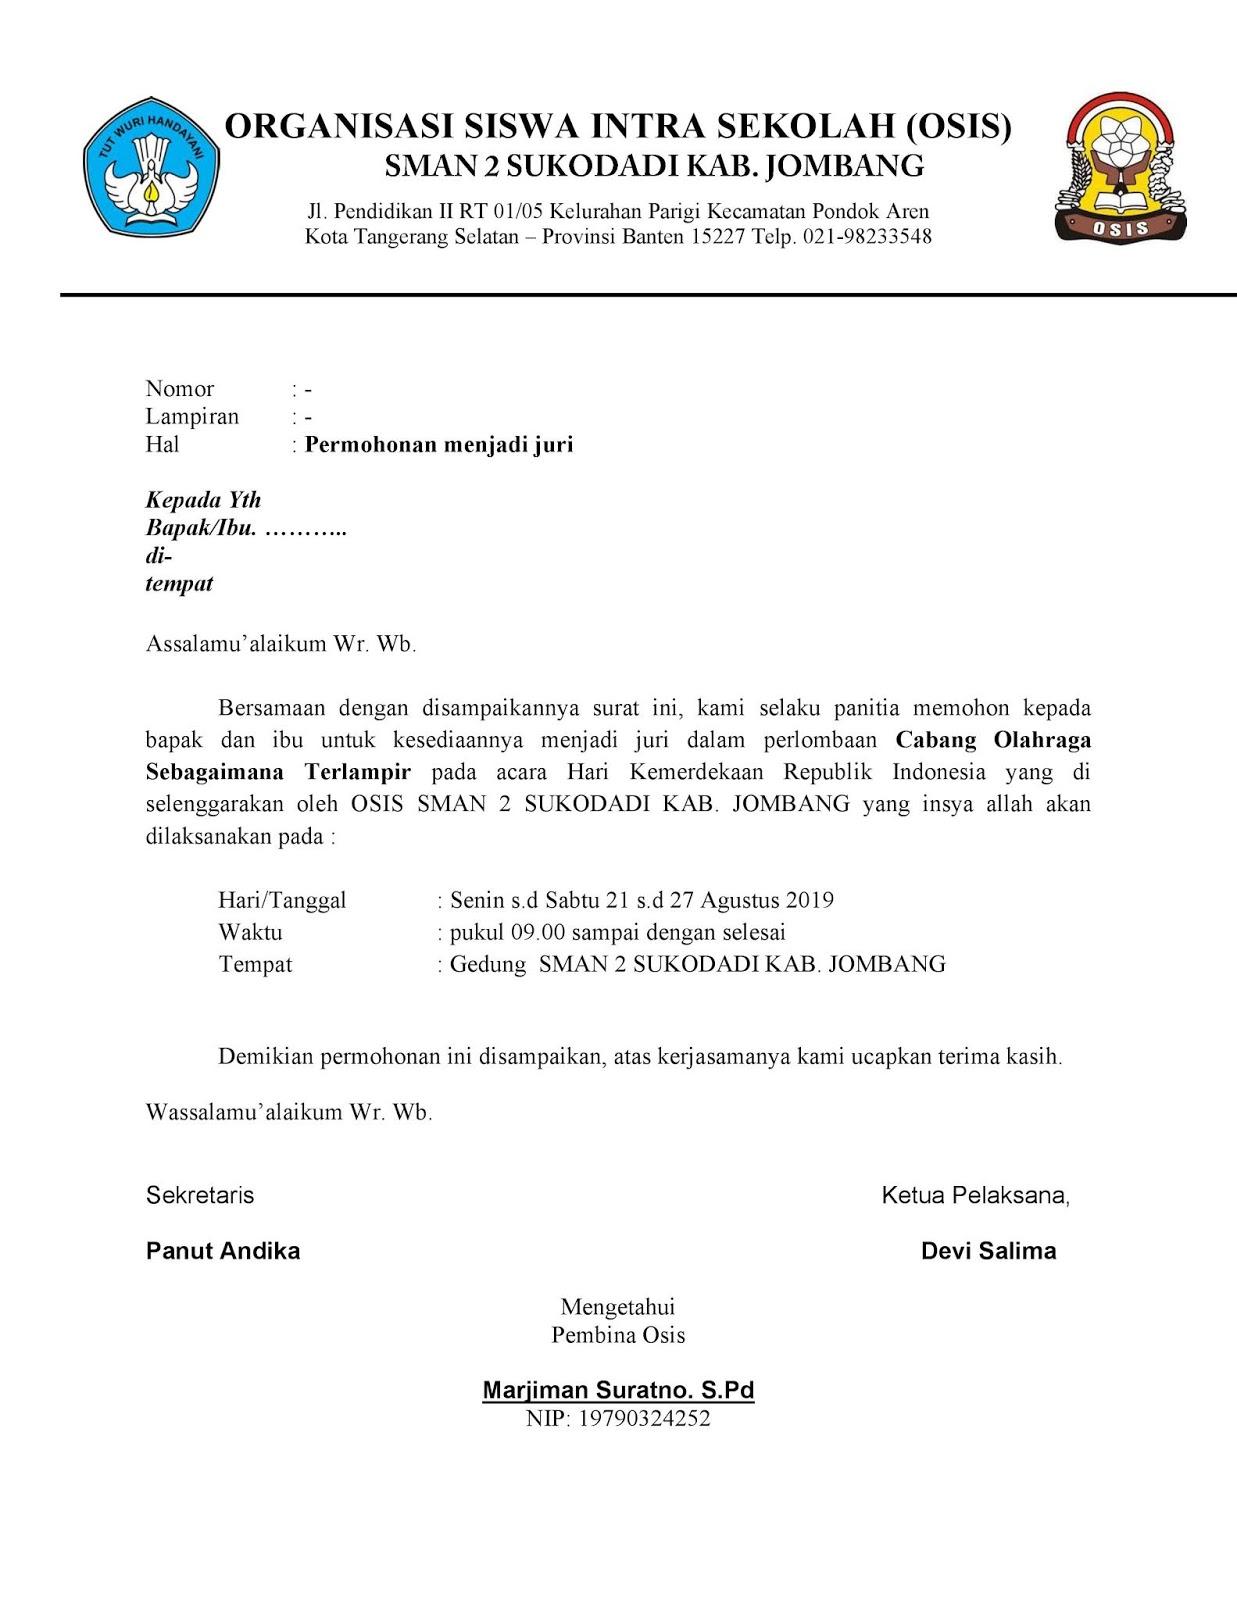 Contoh Surat Undangan Juri Lomba, Membuat Surat Permohonan